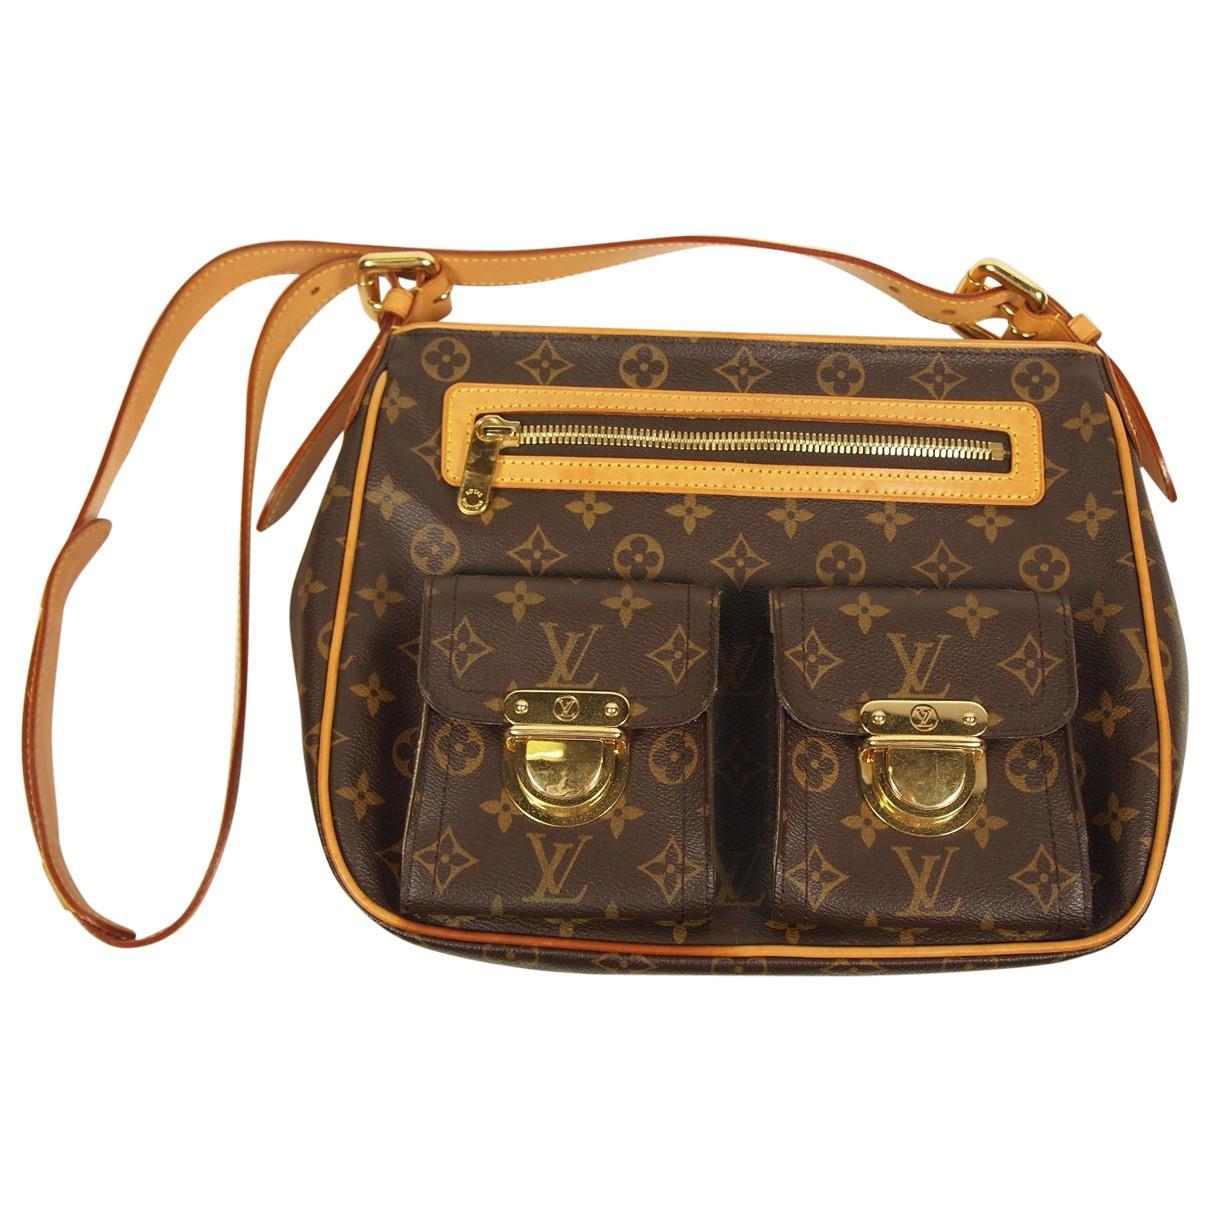 Pre-owned - Cloth handbag Louis Vuitton fpzVSRniZq